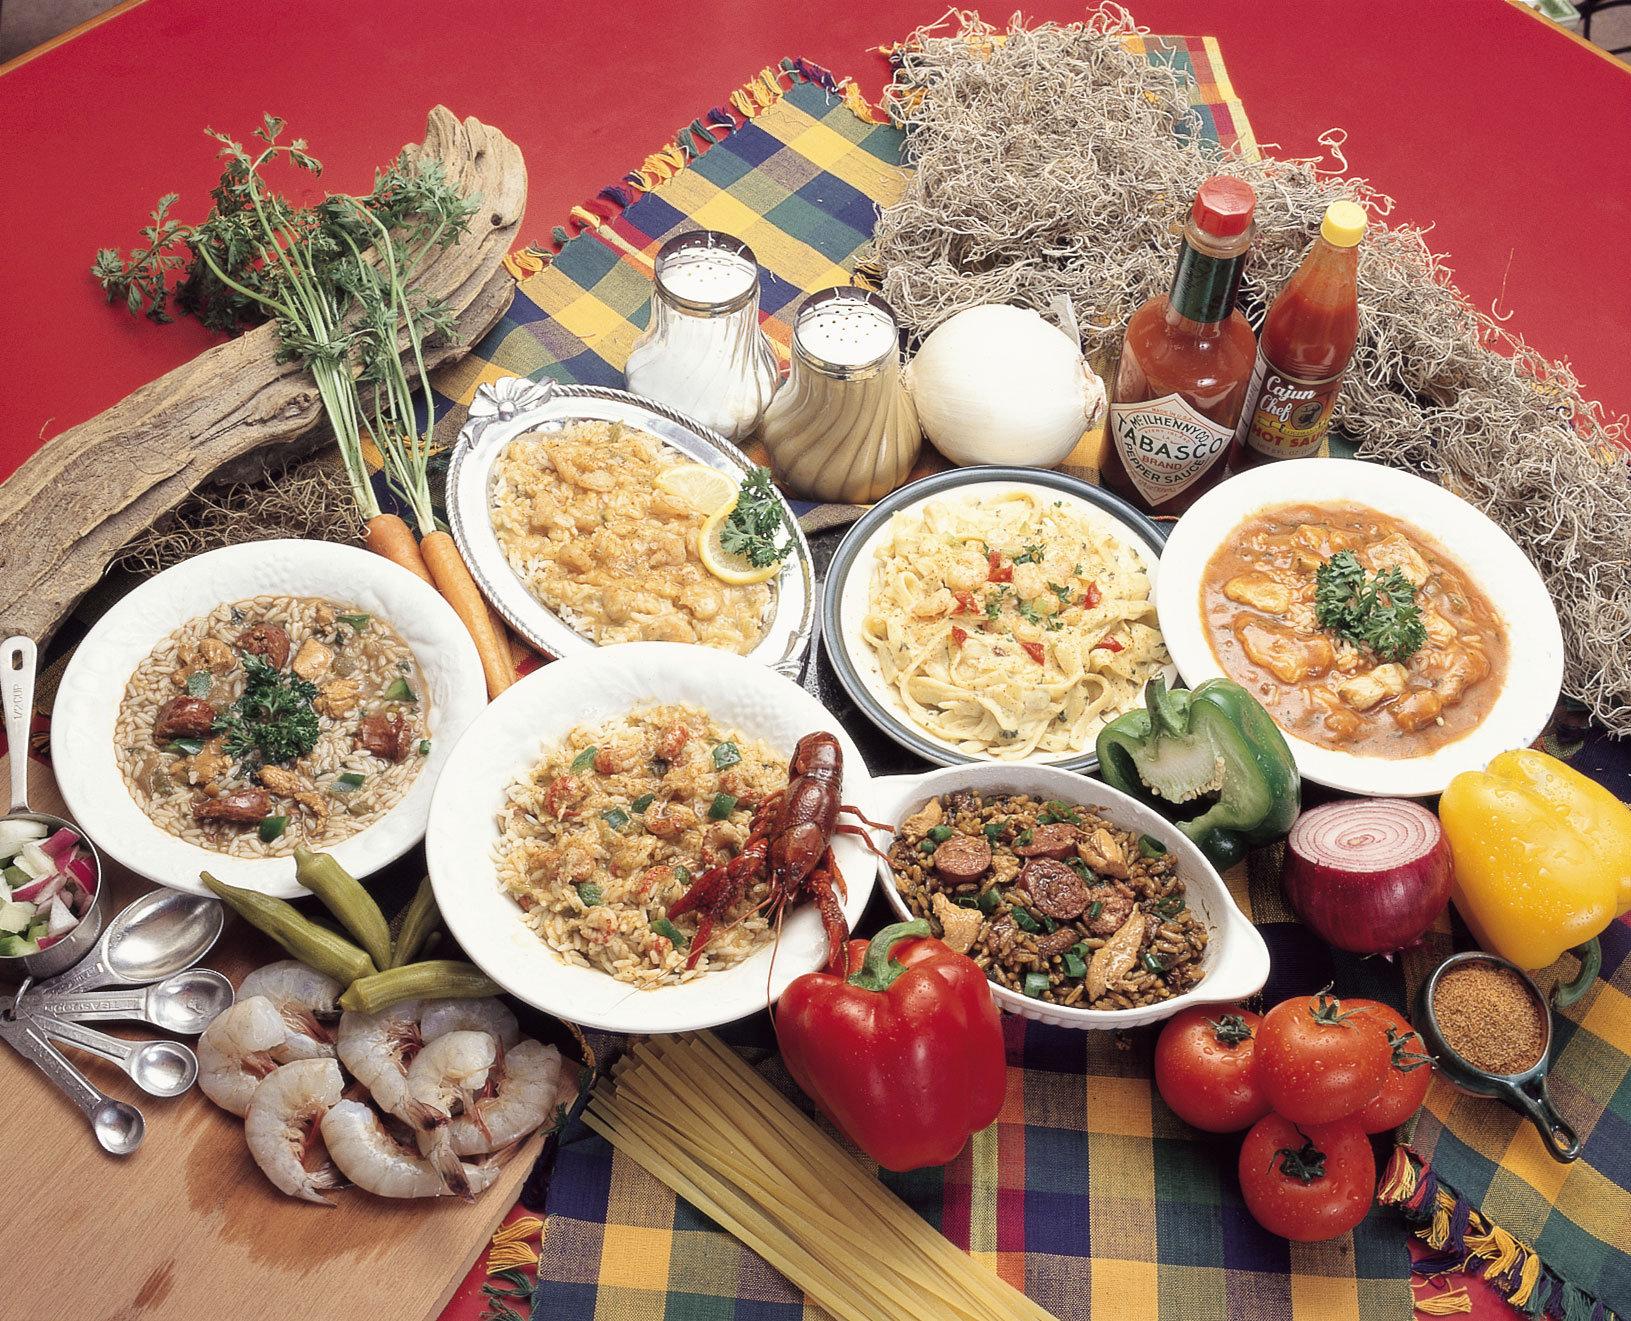 Диета раздельного питания меню